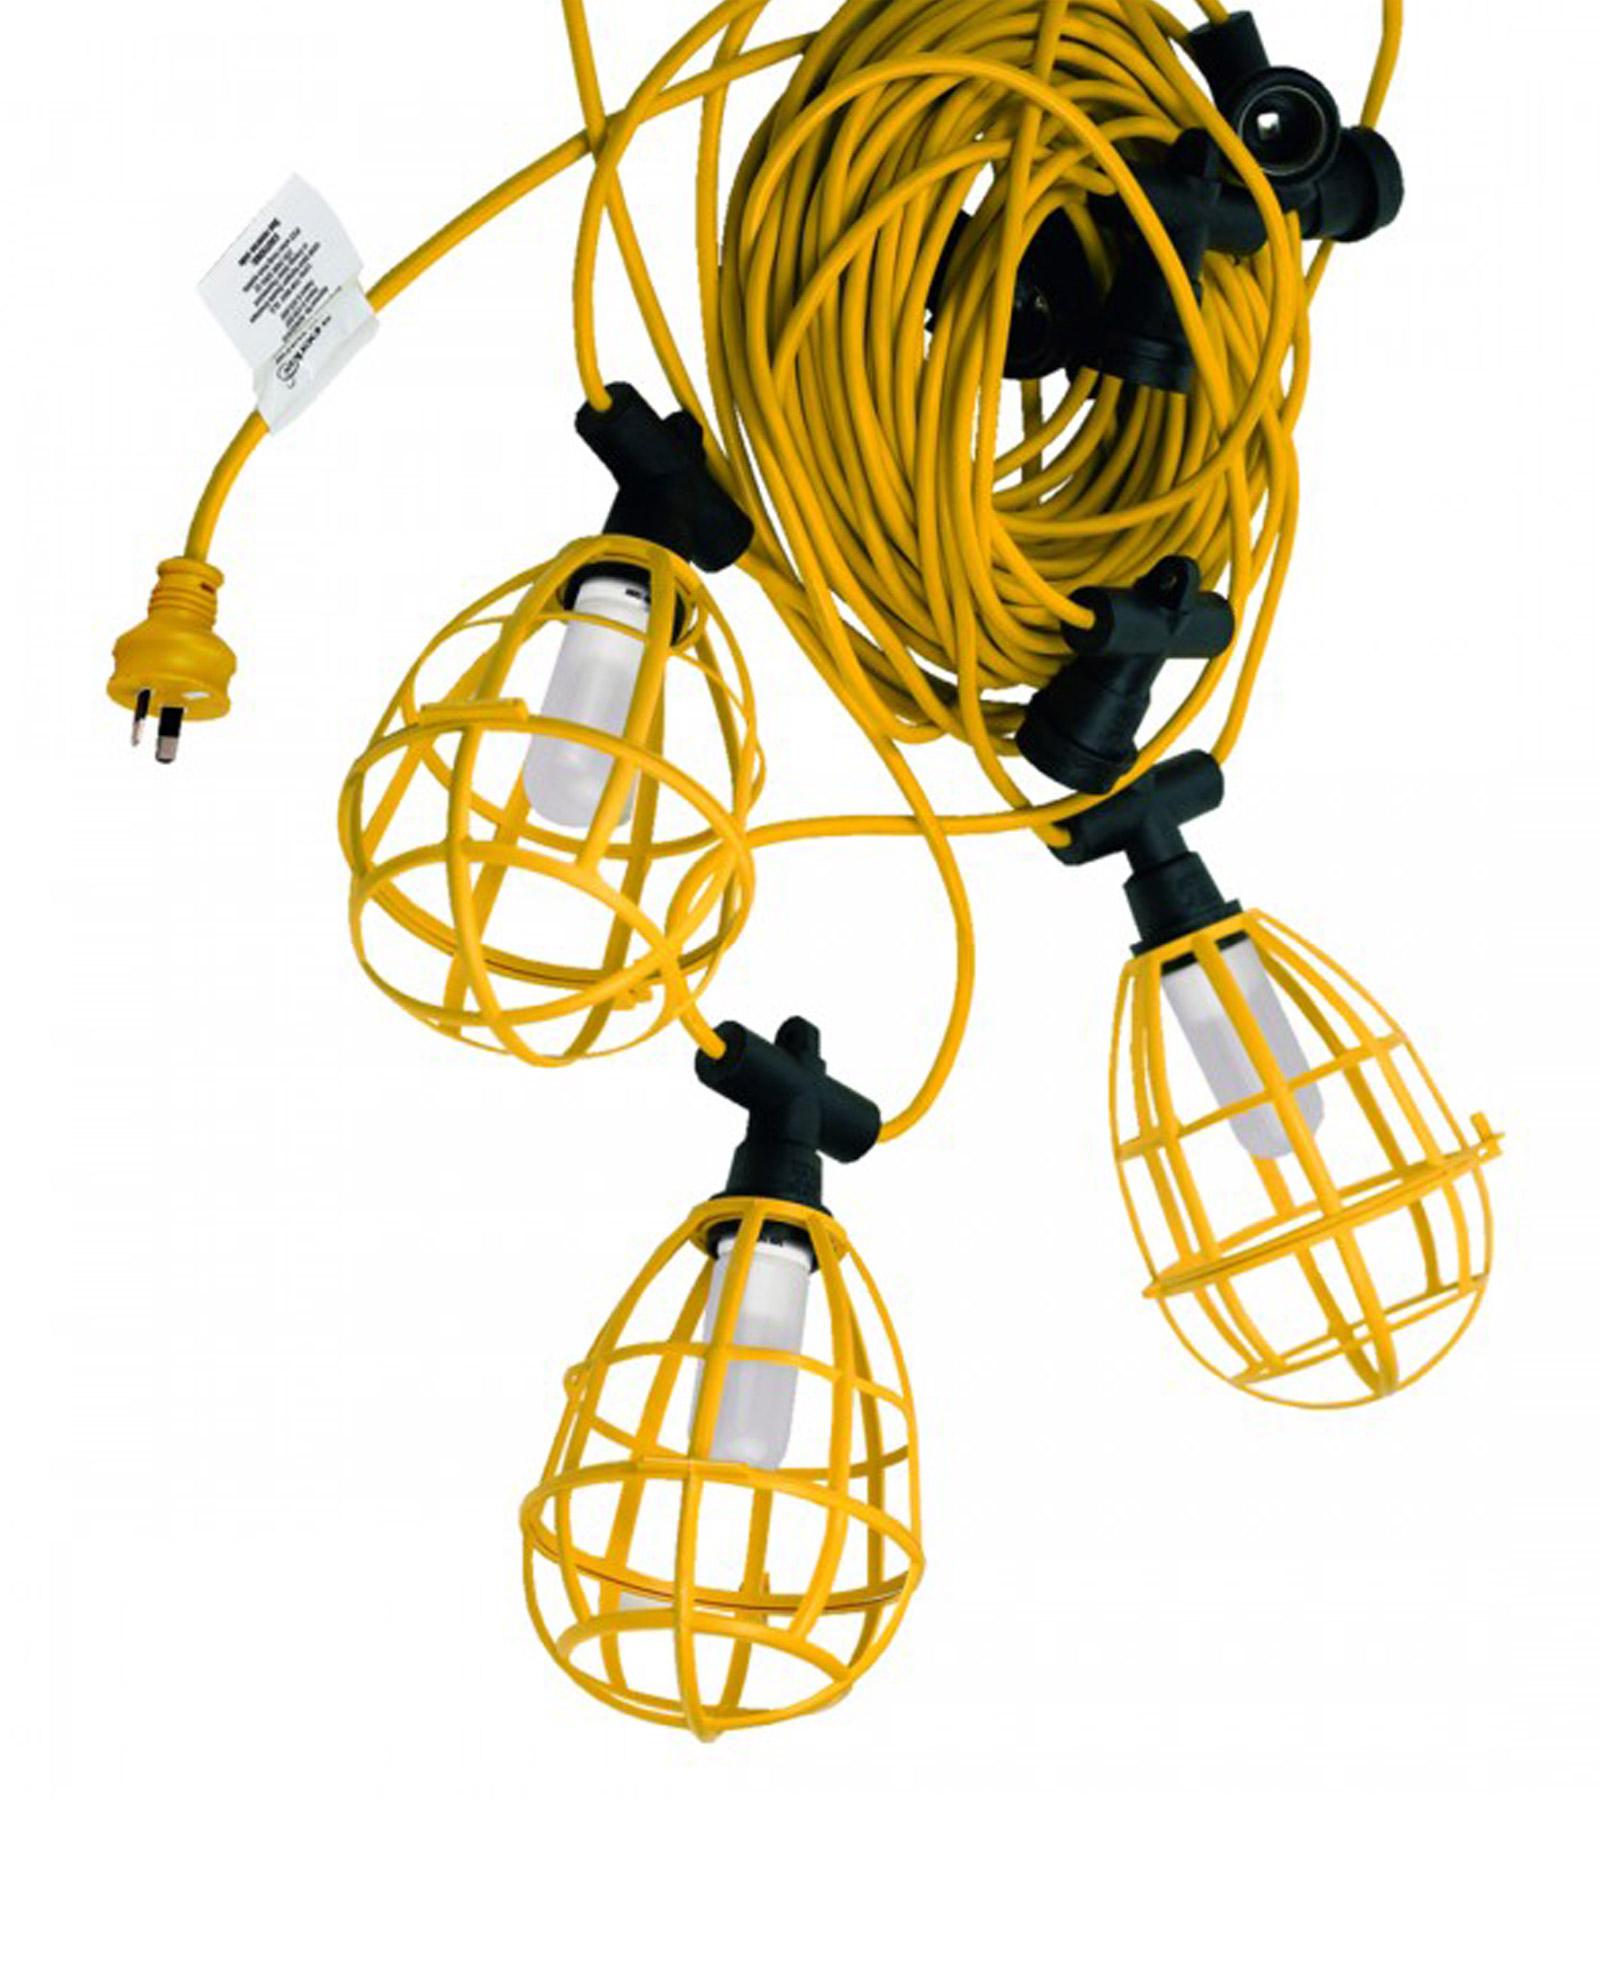 30 Metre Standard Festoon With 10 Es Lamp Holders